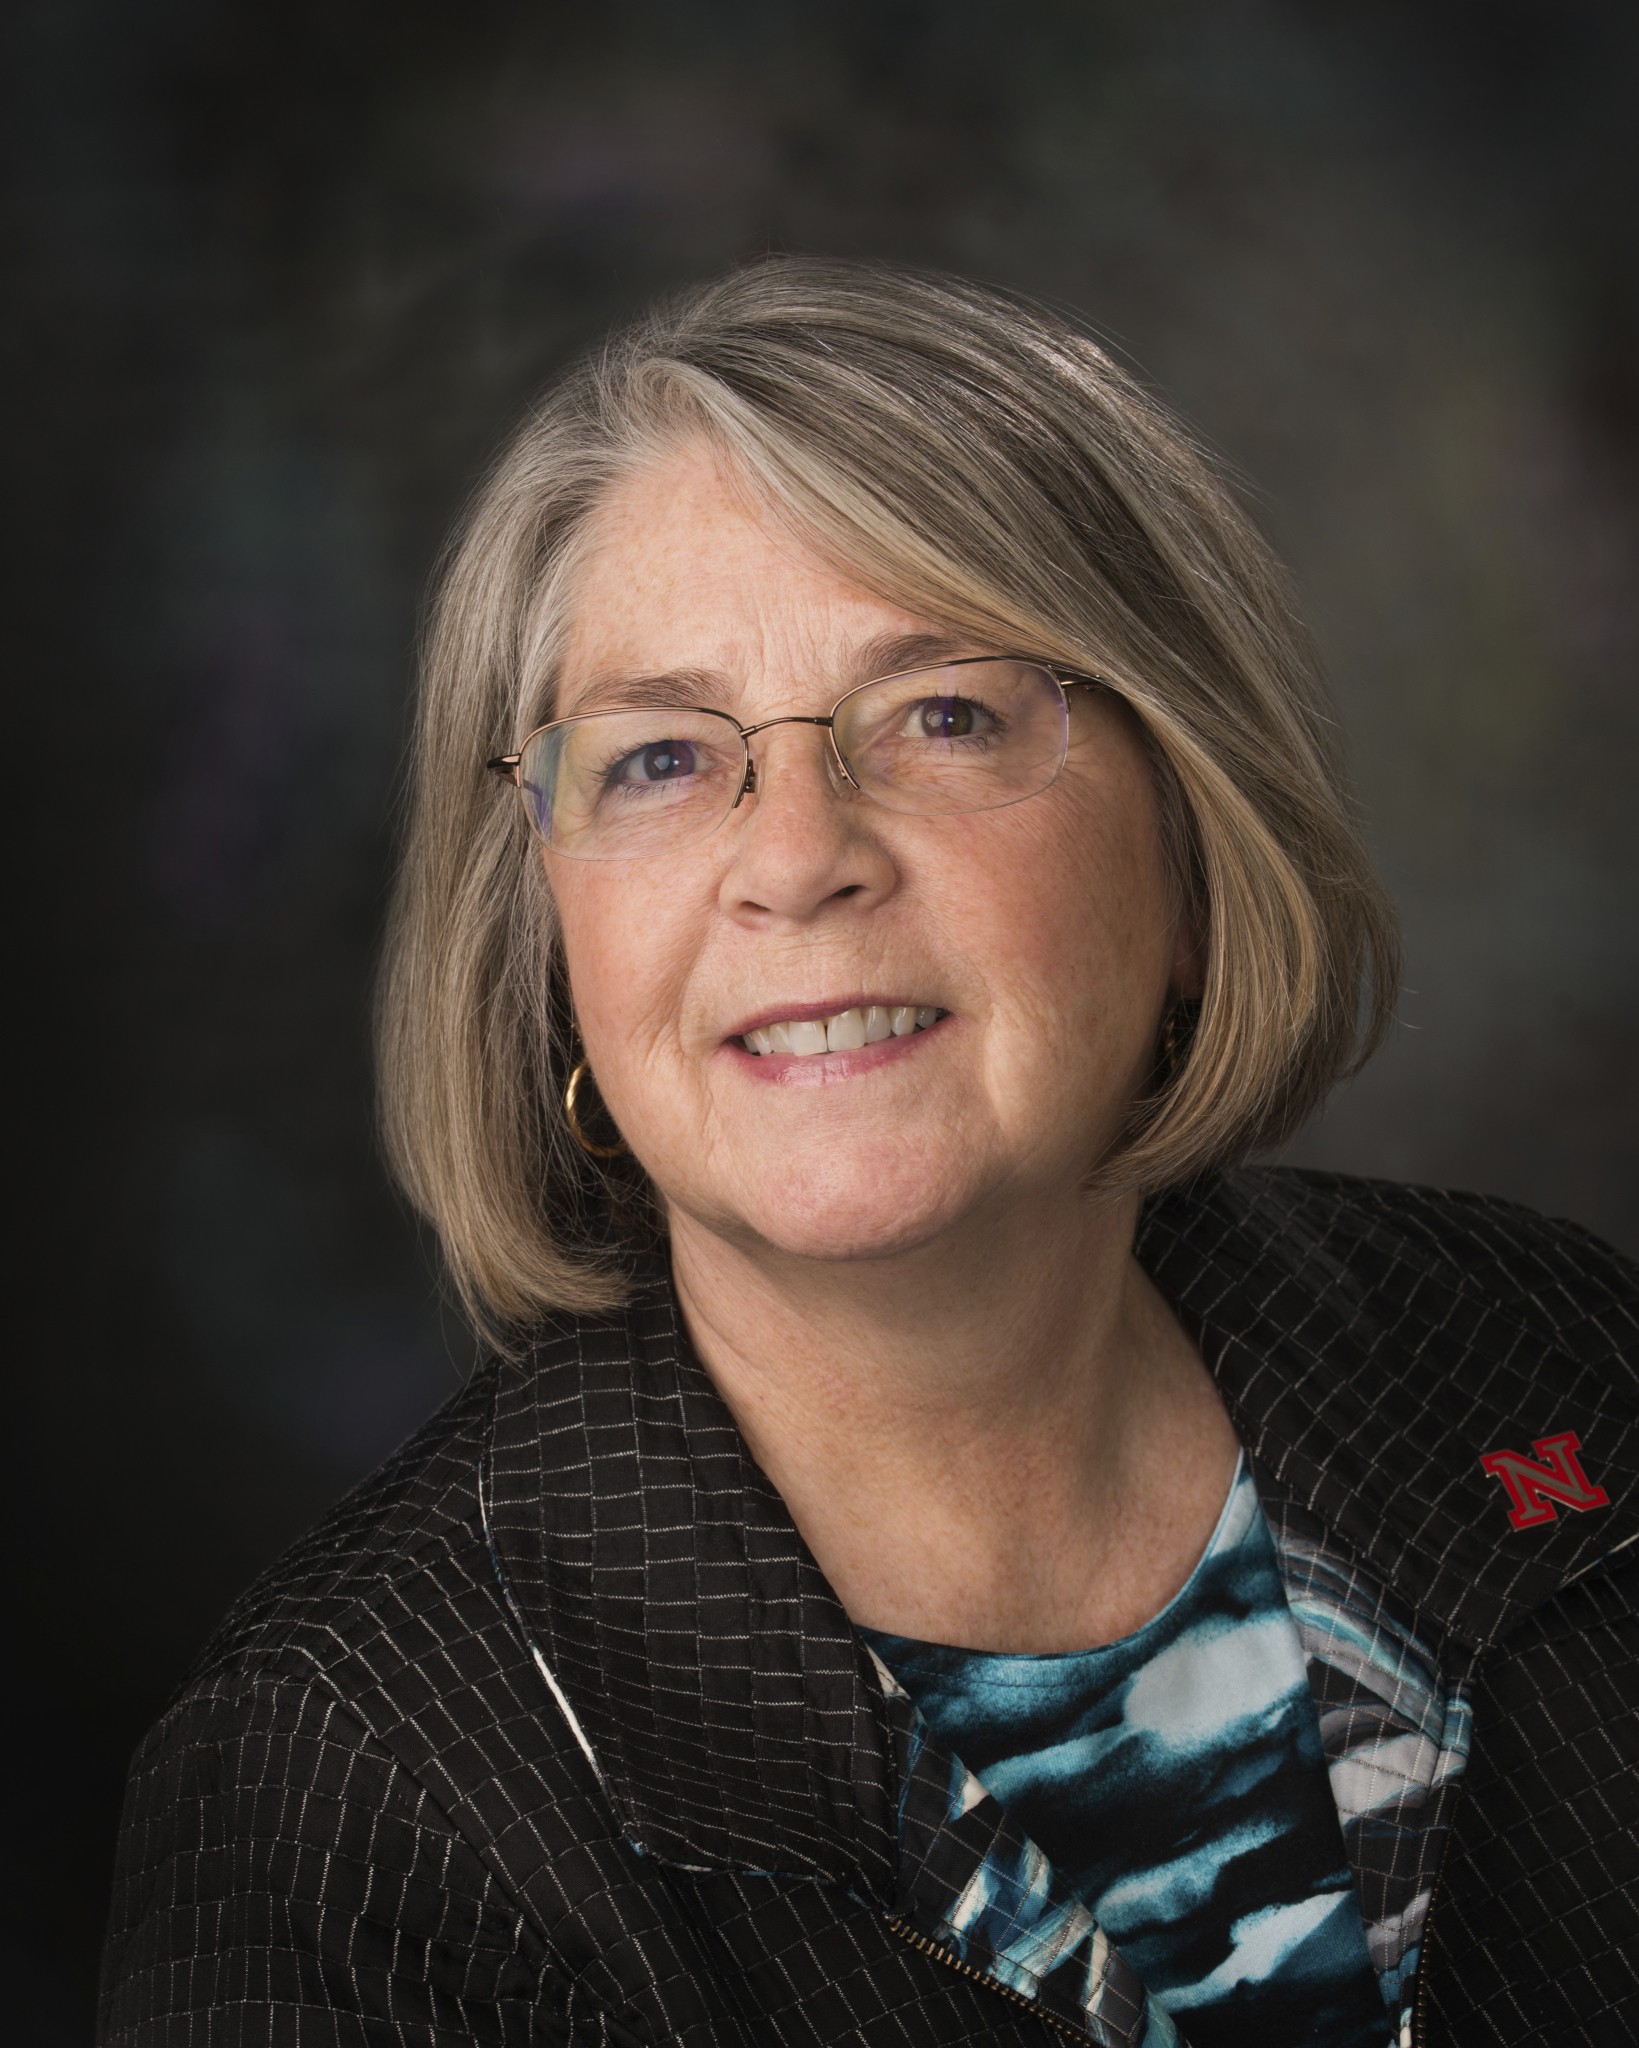 Claudette Biskup